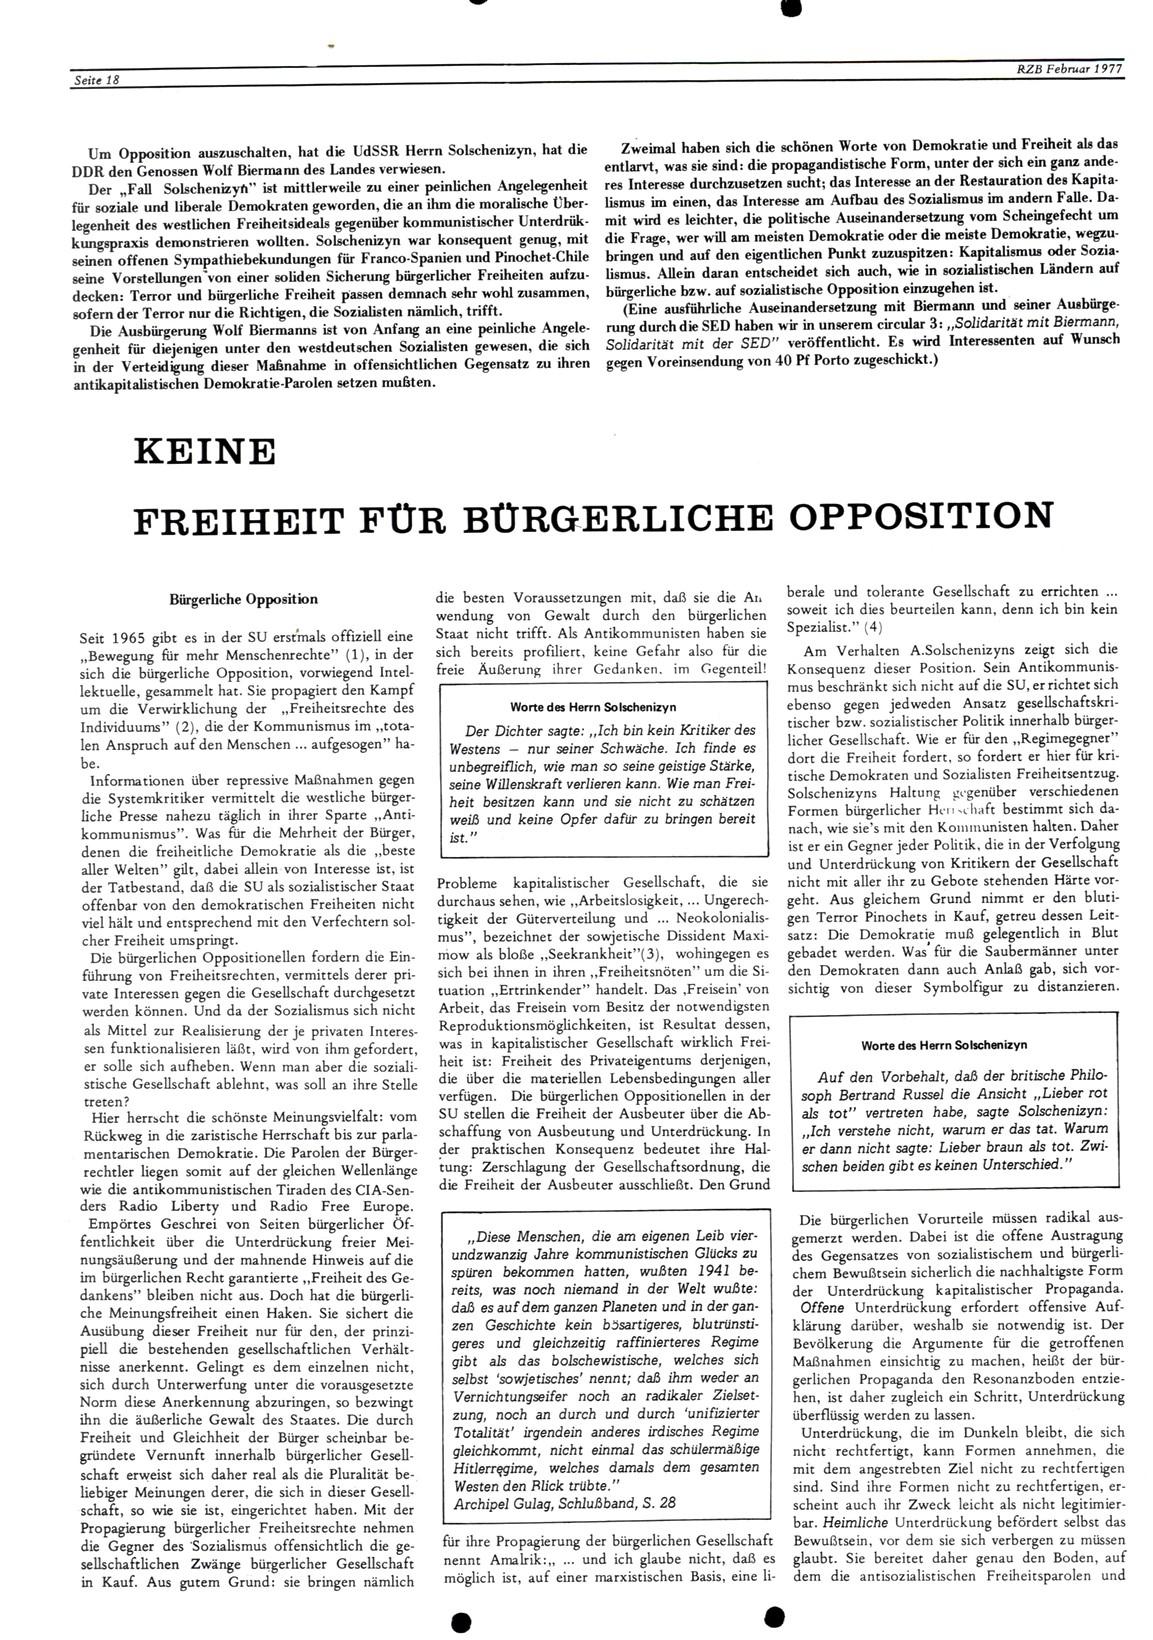 Bonn_RZ_07_08_19770200_18